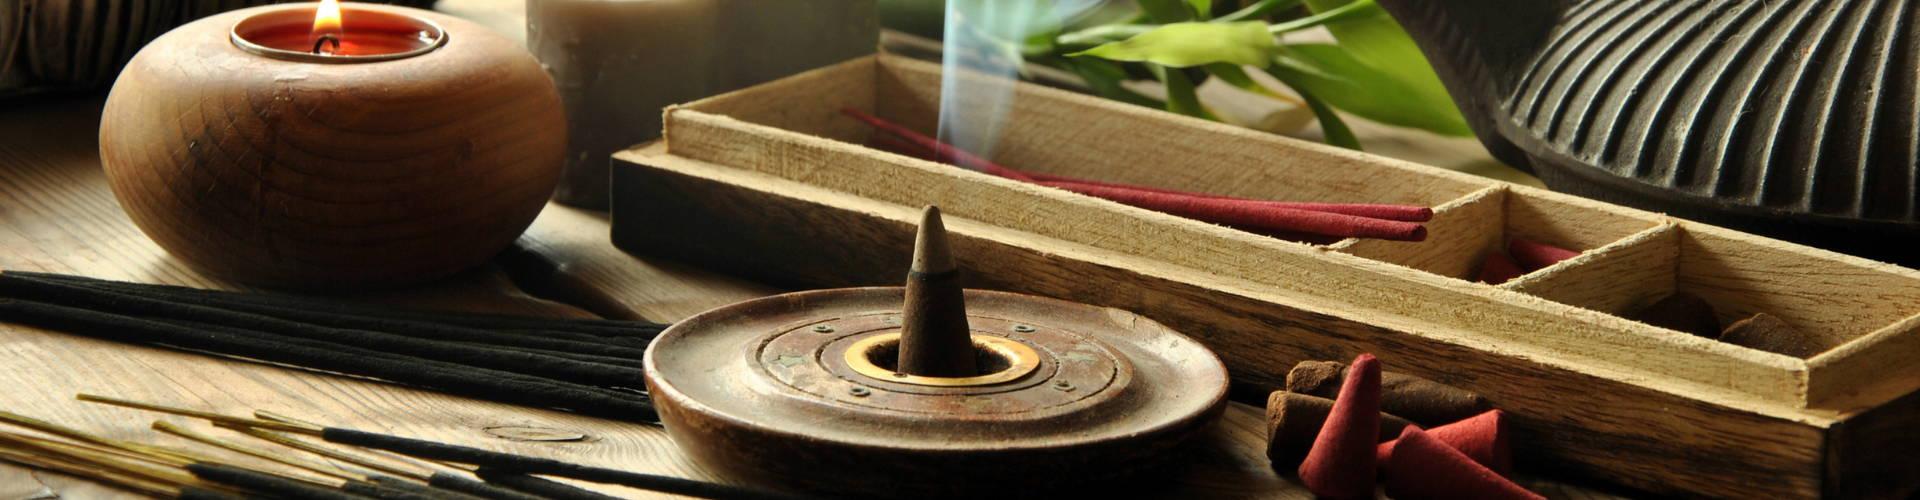 incense storage